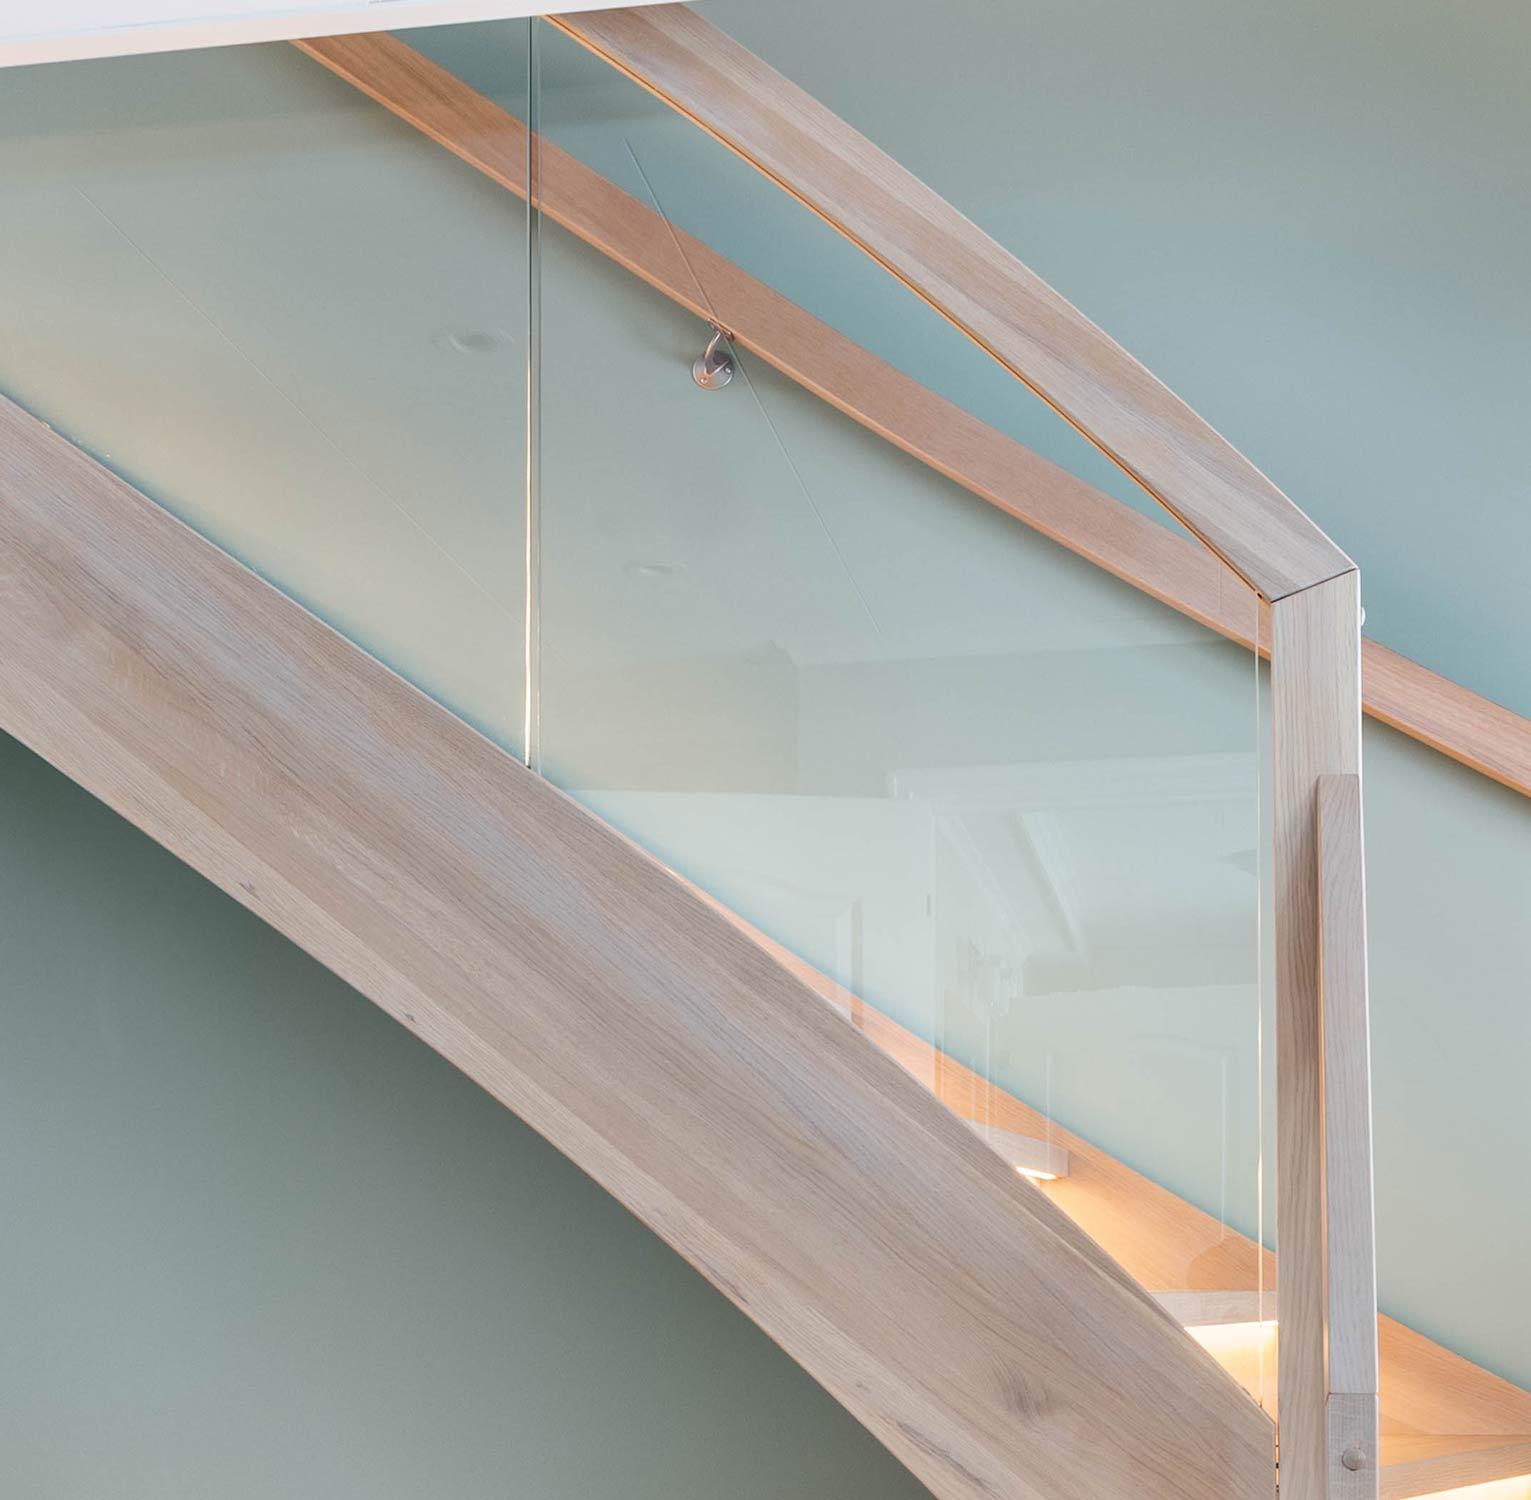 Innfrest glassrekkverk trapp